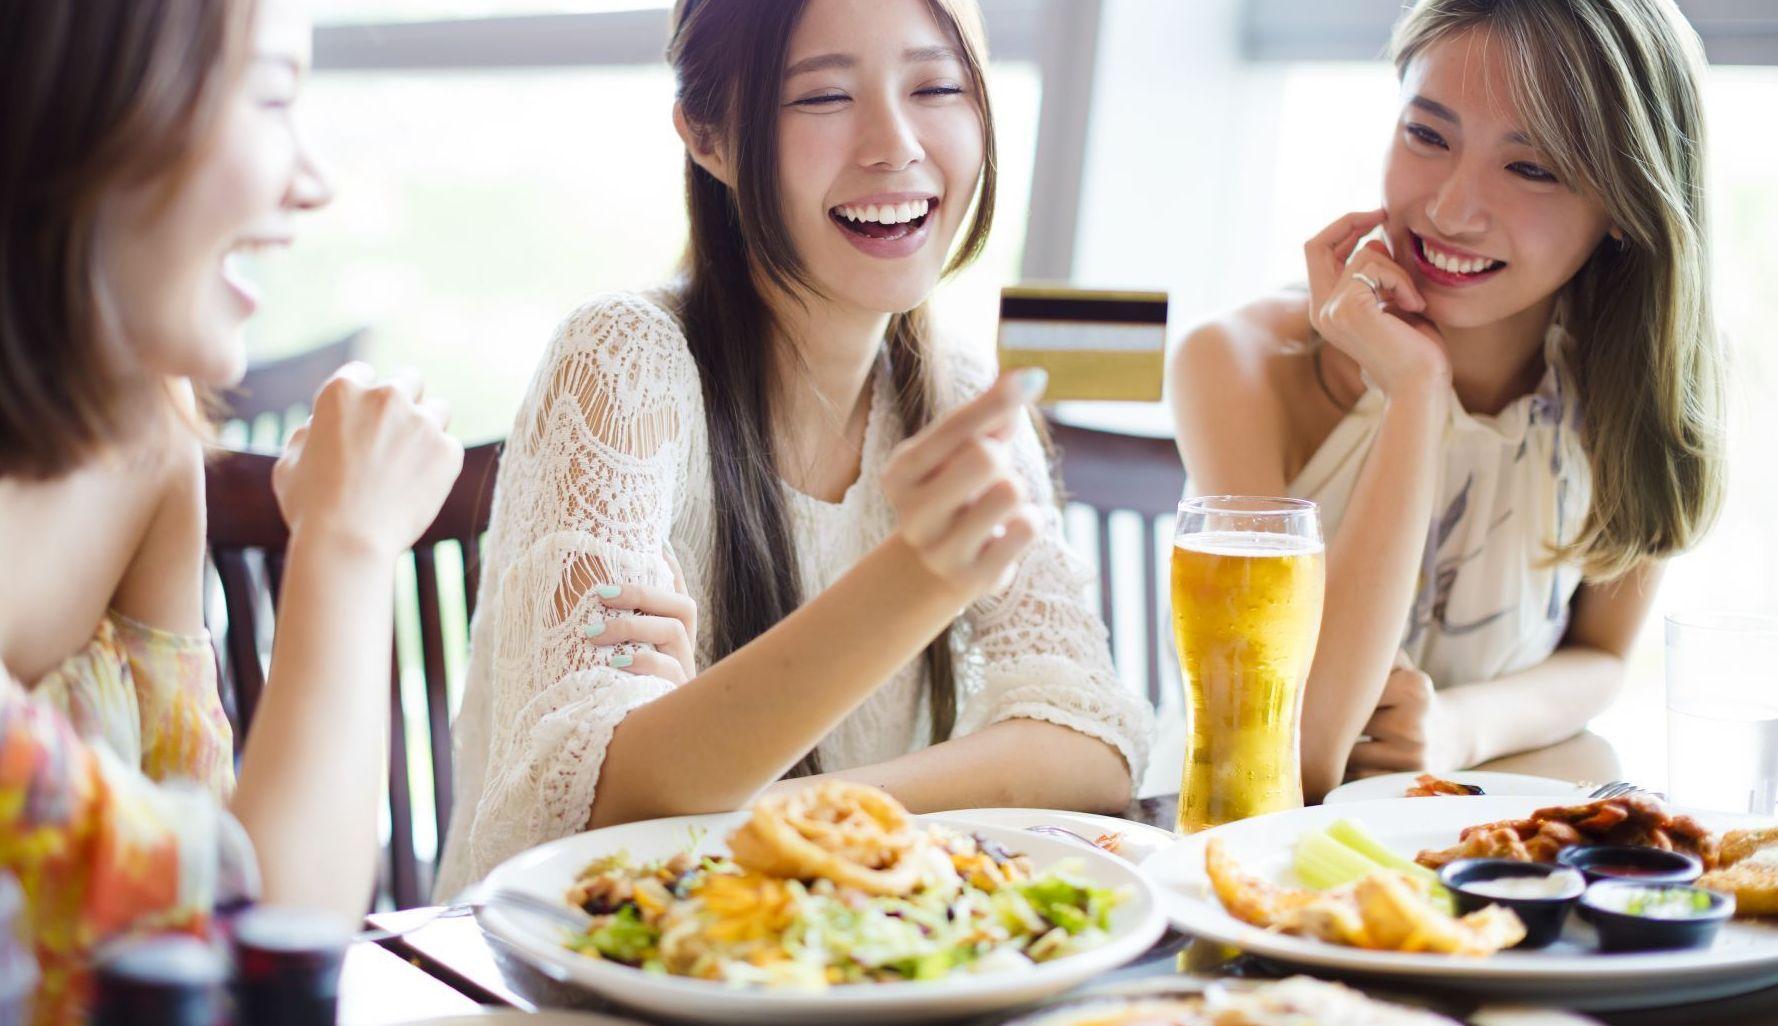 靠大胃王比賽就能名利雙收!你認為正確的人生態度是什麼?